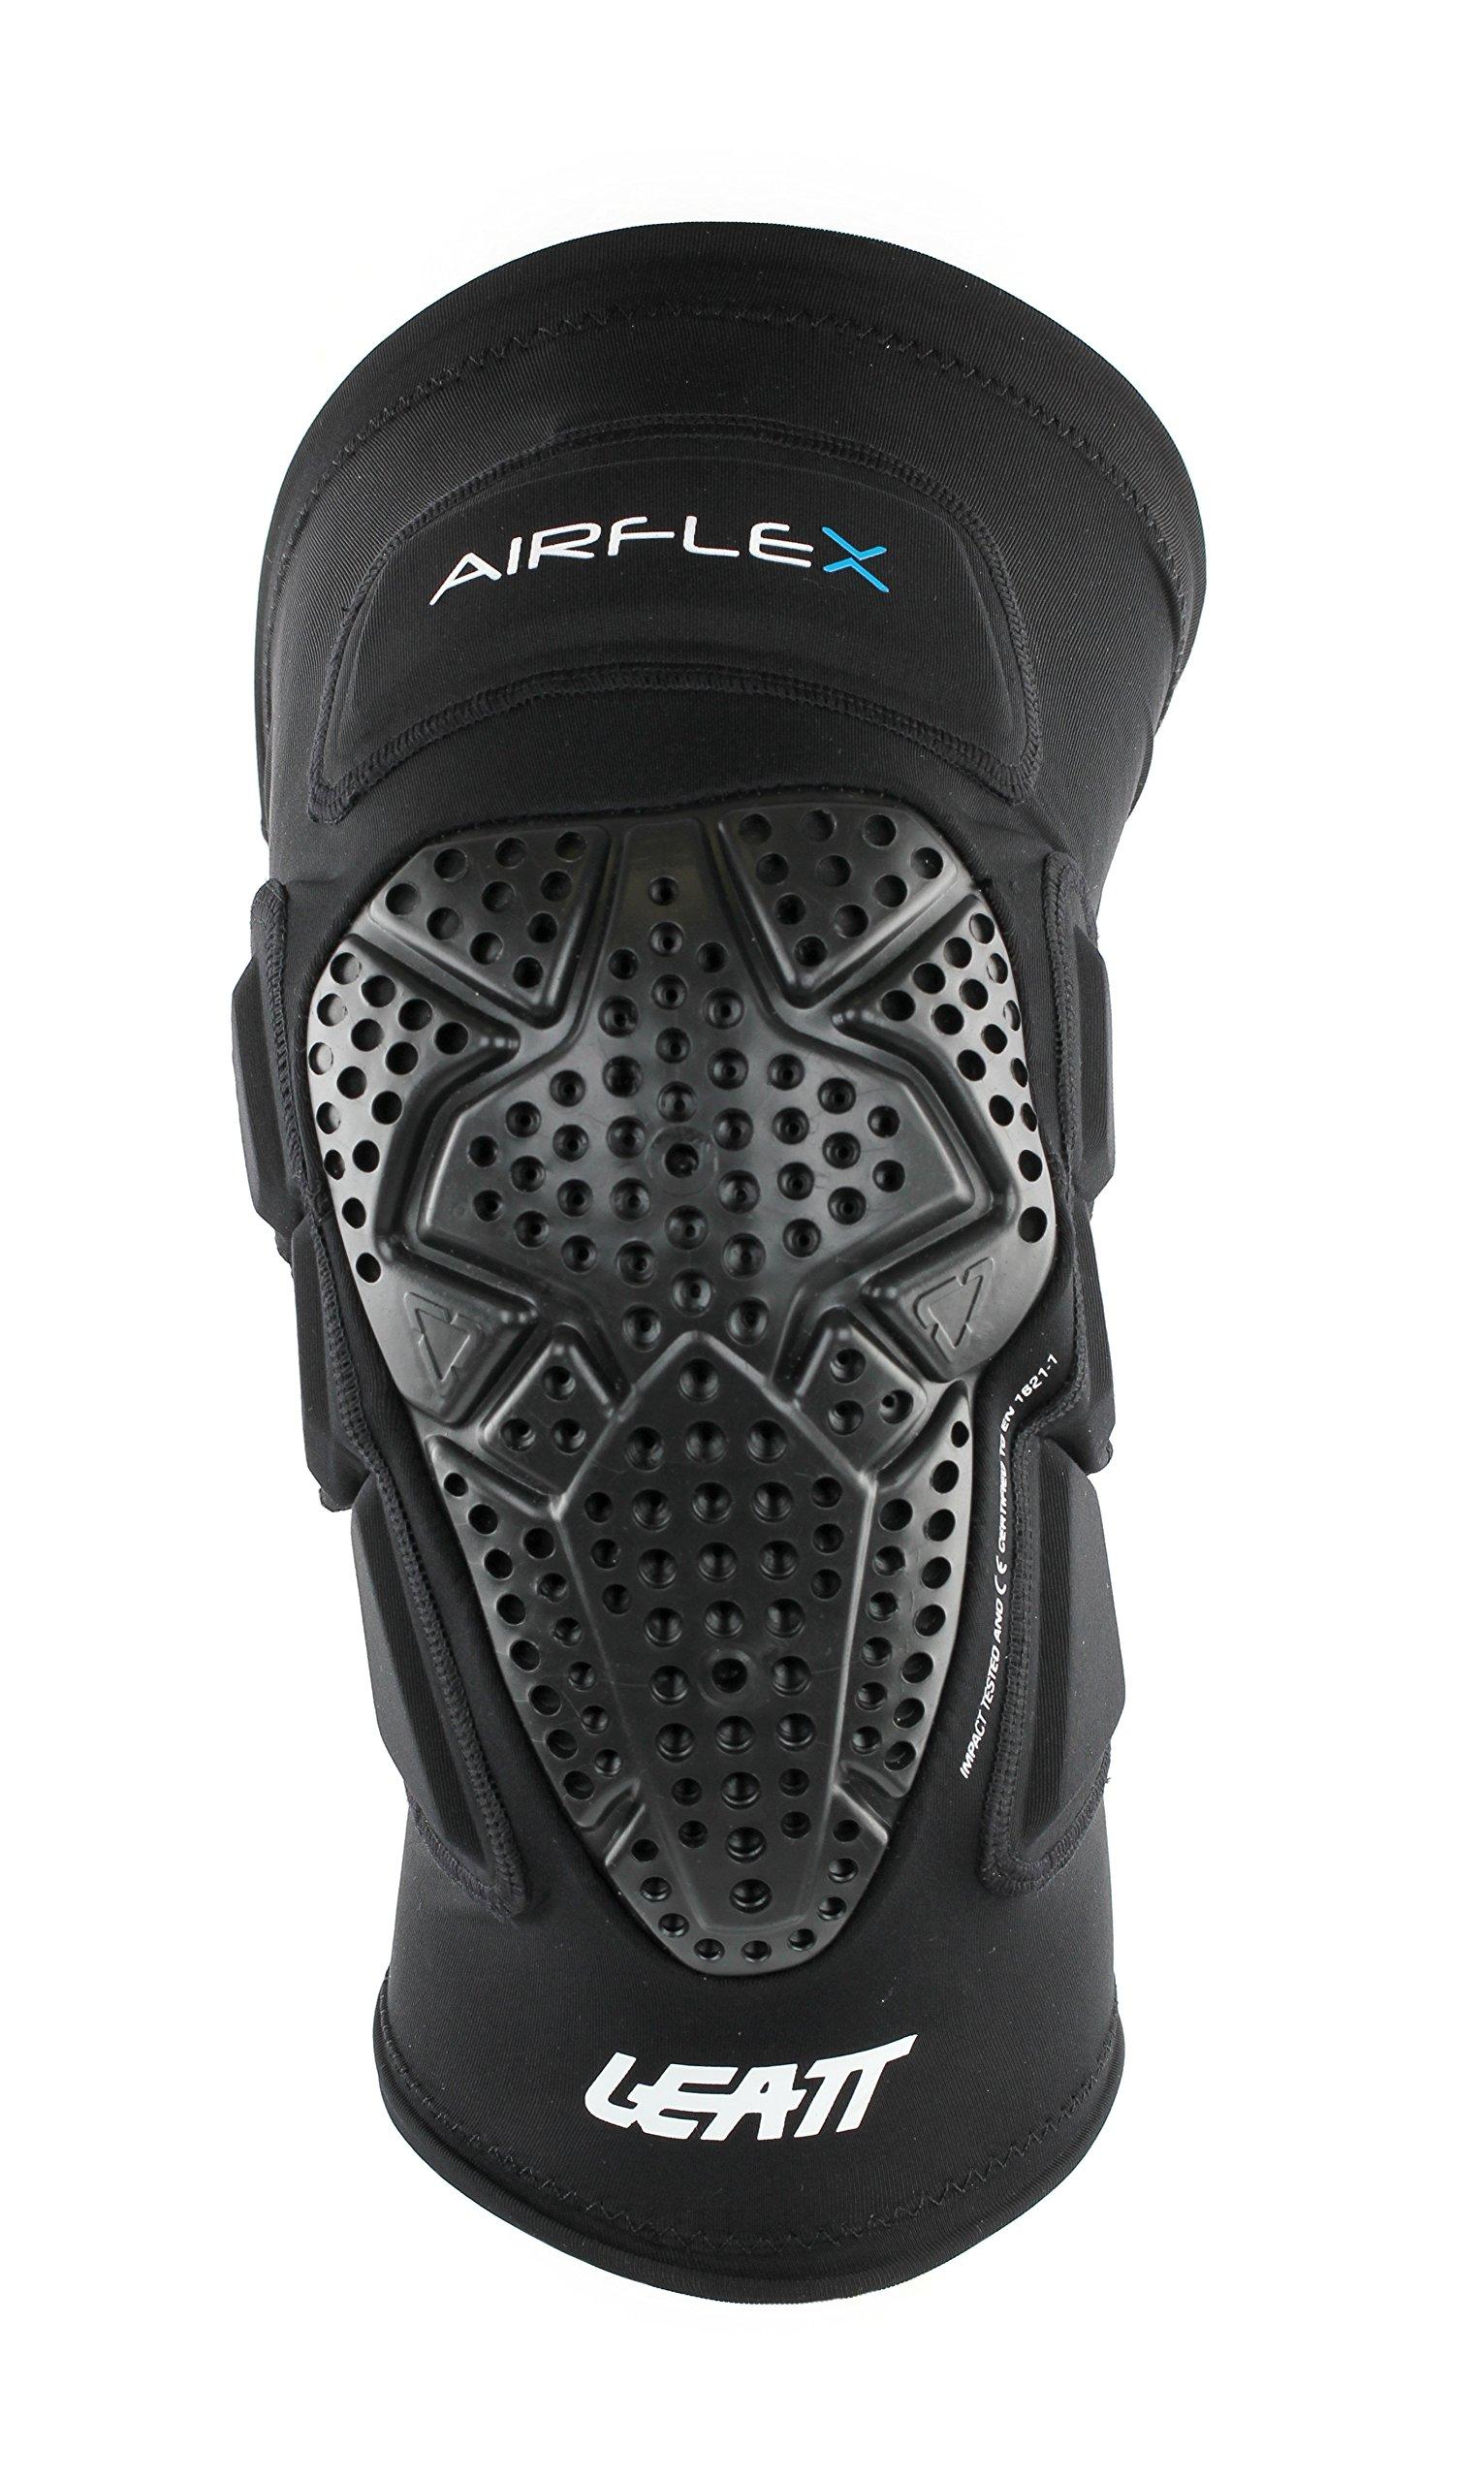 Leatt AirFlex Pro Knee Guard (Black, XX-Large) by Leatt Brace